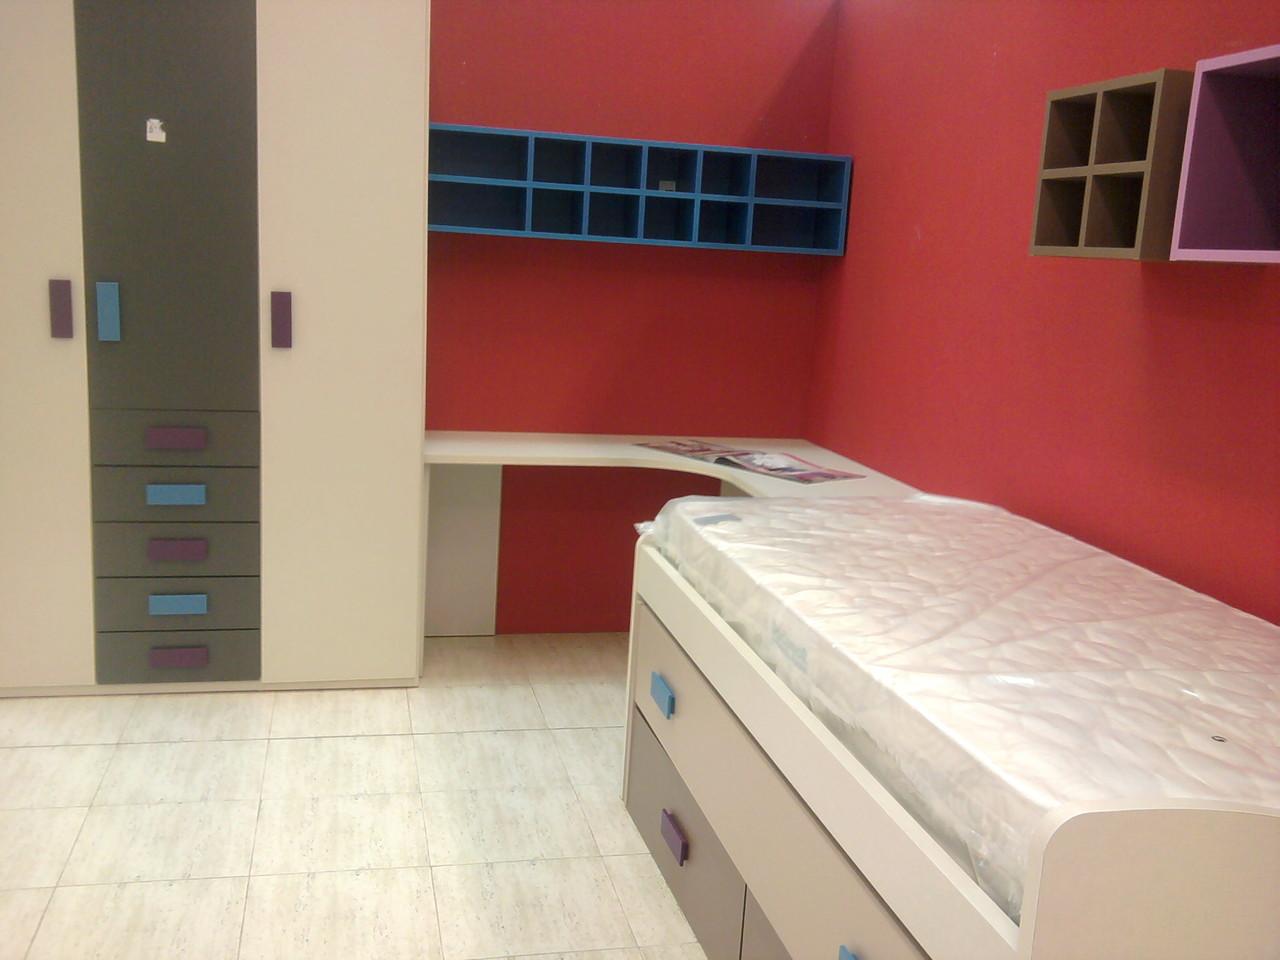 Composición juvenil formada por camas ,armario,mesa de estudio y estanterías. .